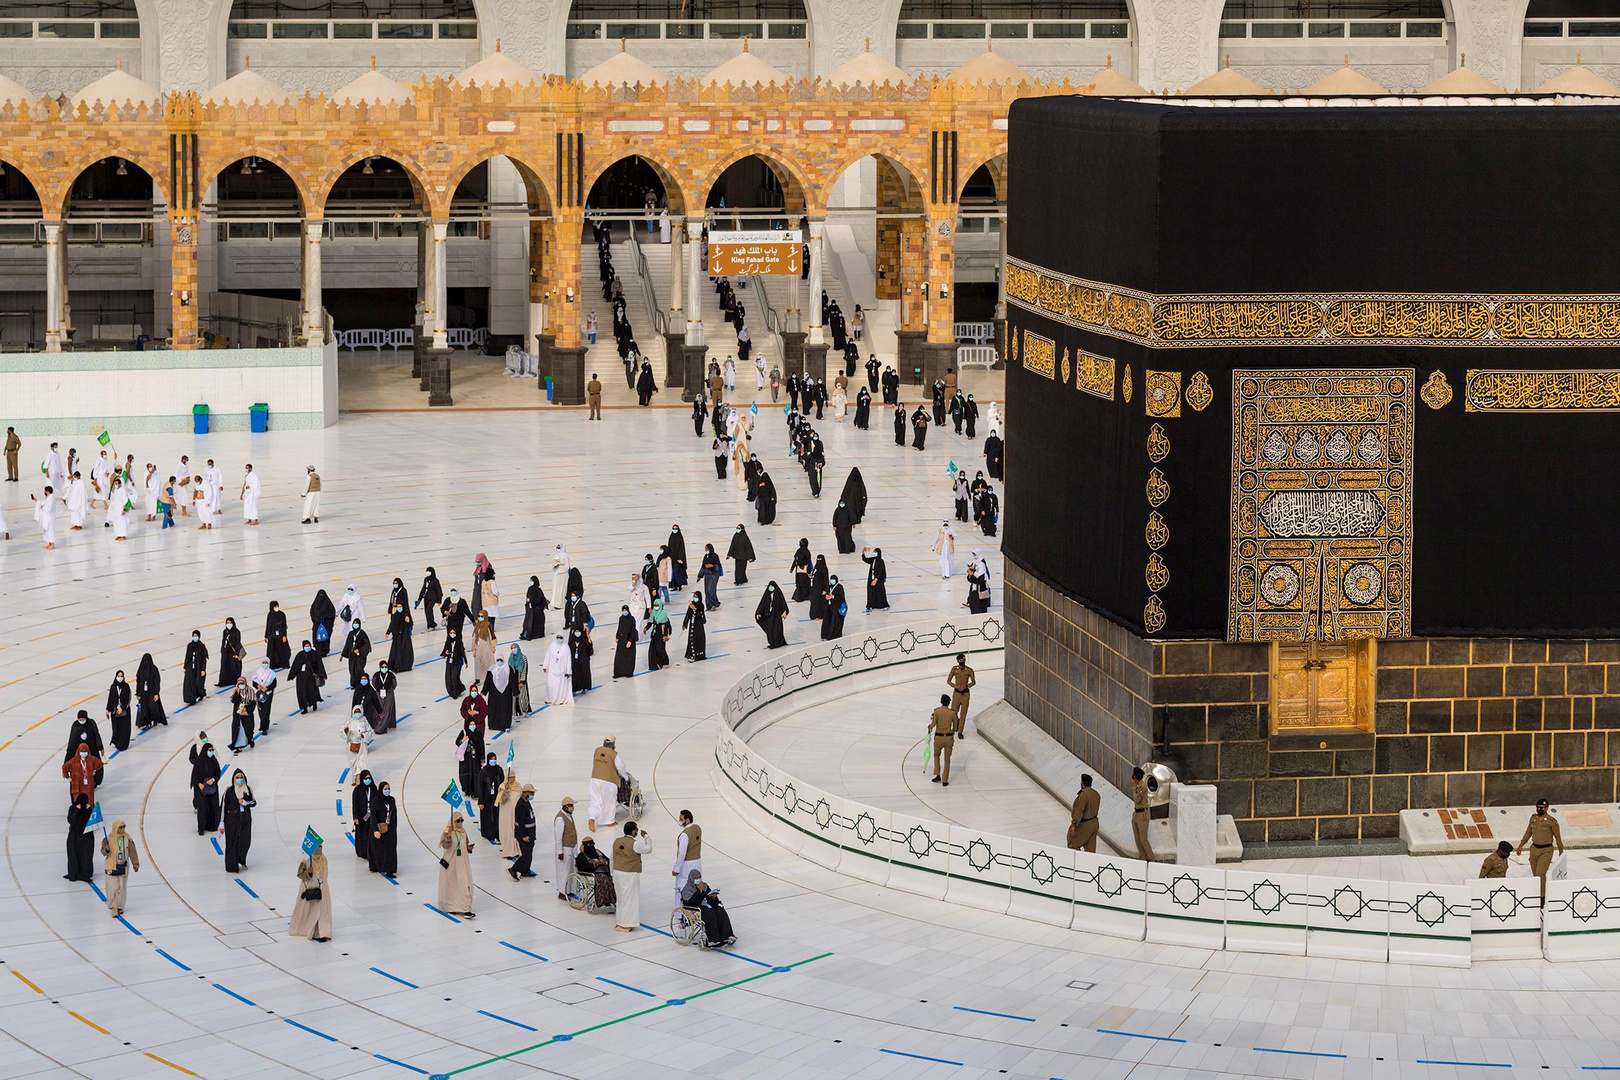 السعودية تستقبل أولى رحلات المعتمرين القادمين من الخارج (صور)